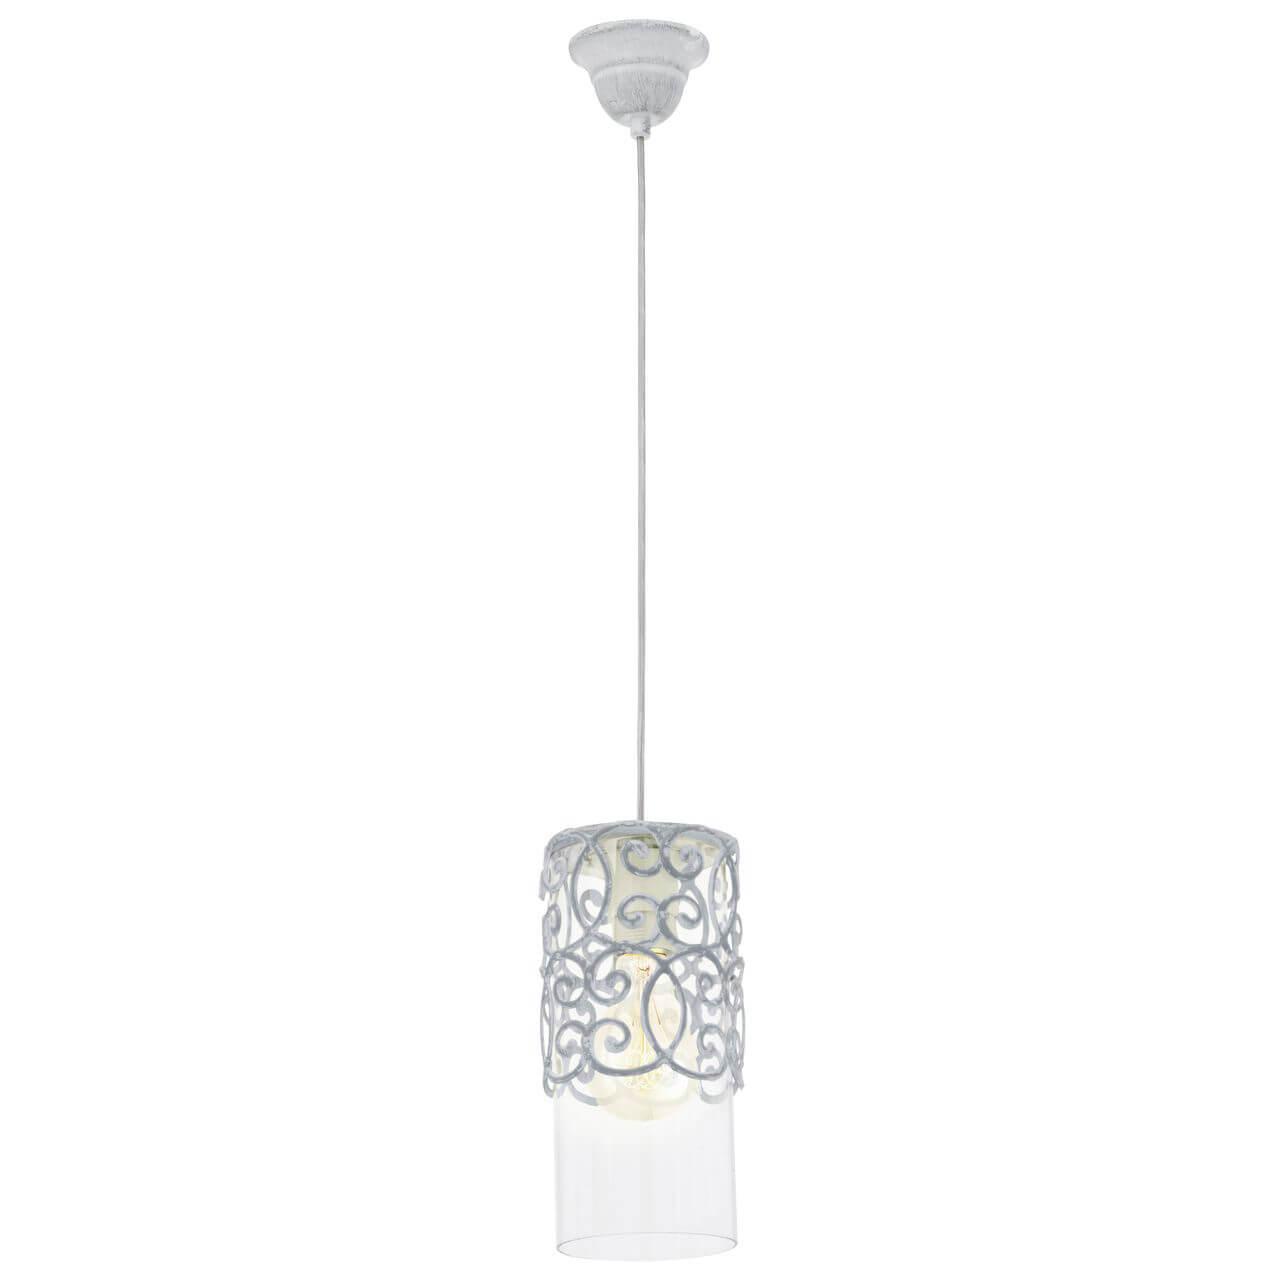 Подвесной светильник Eglo 49202, E27, 60 Вт цены